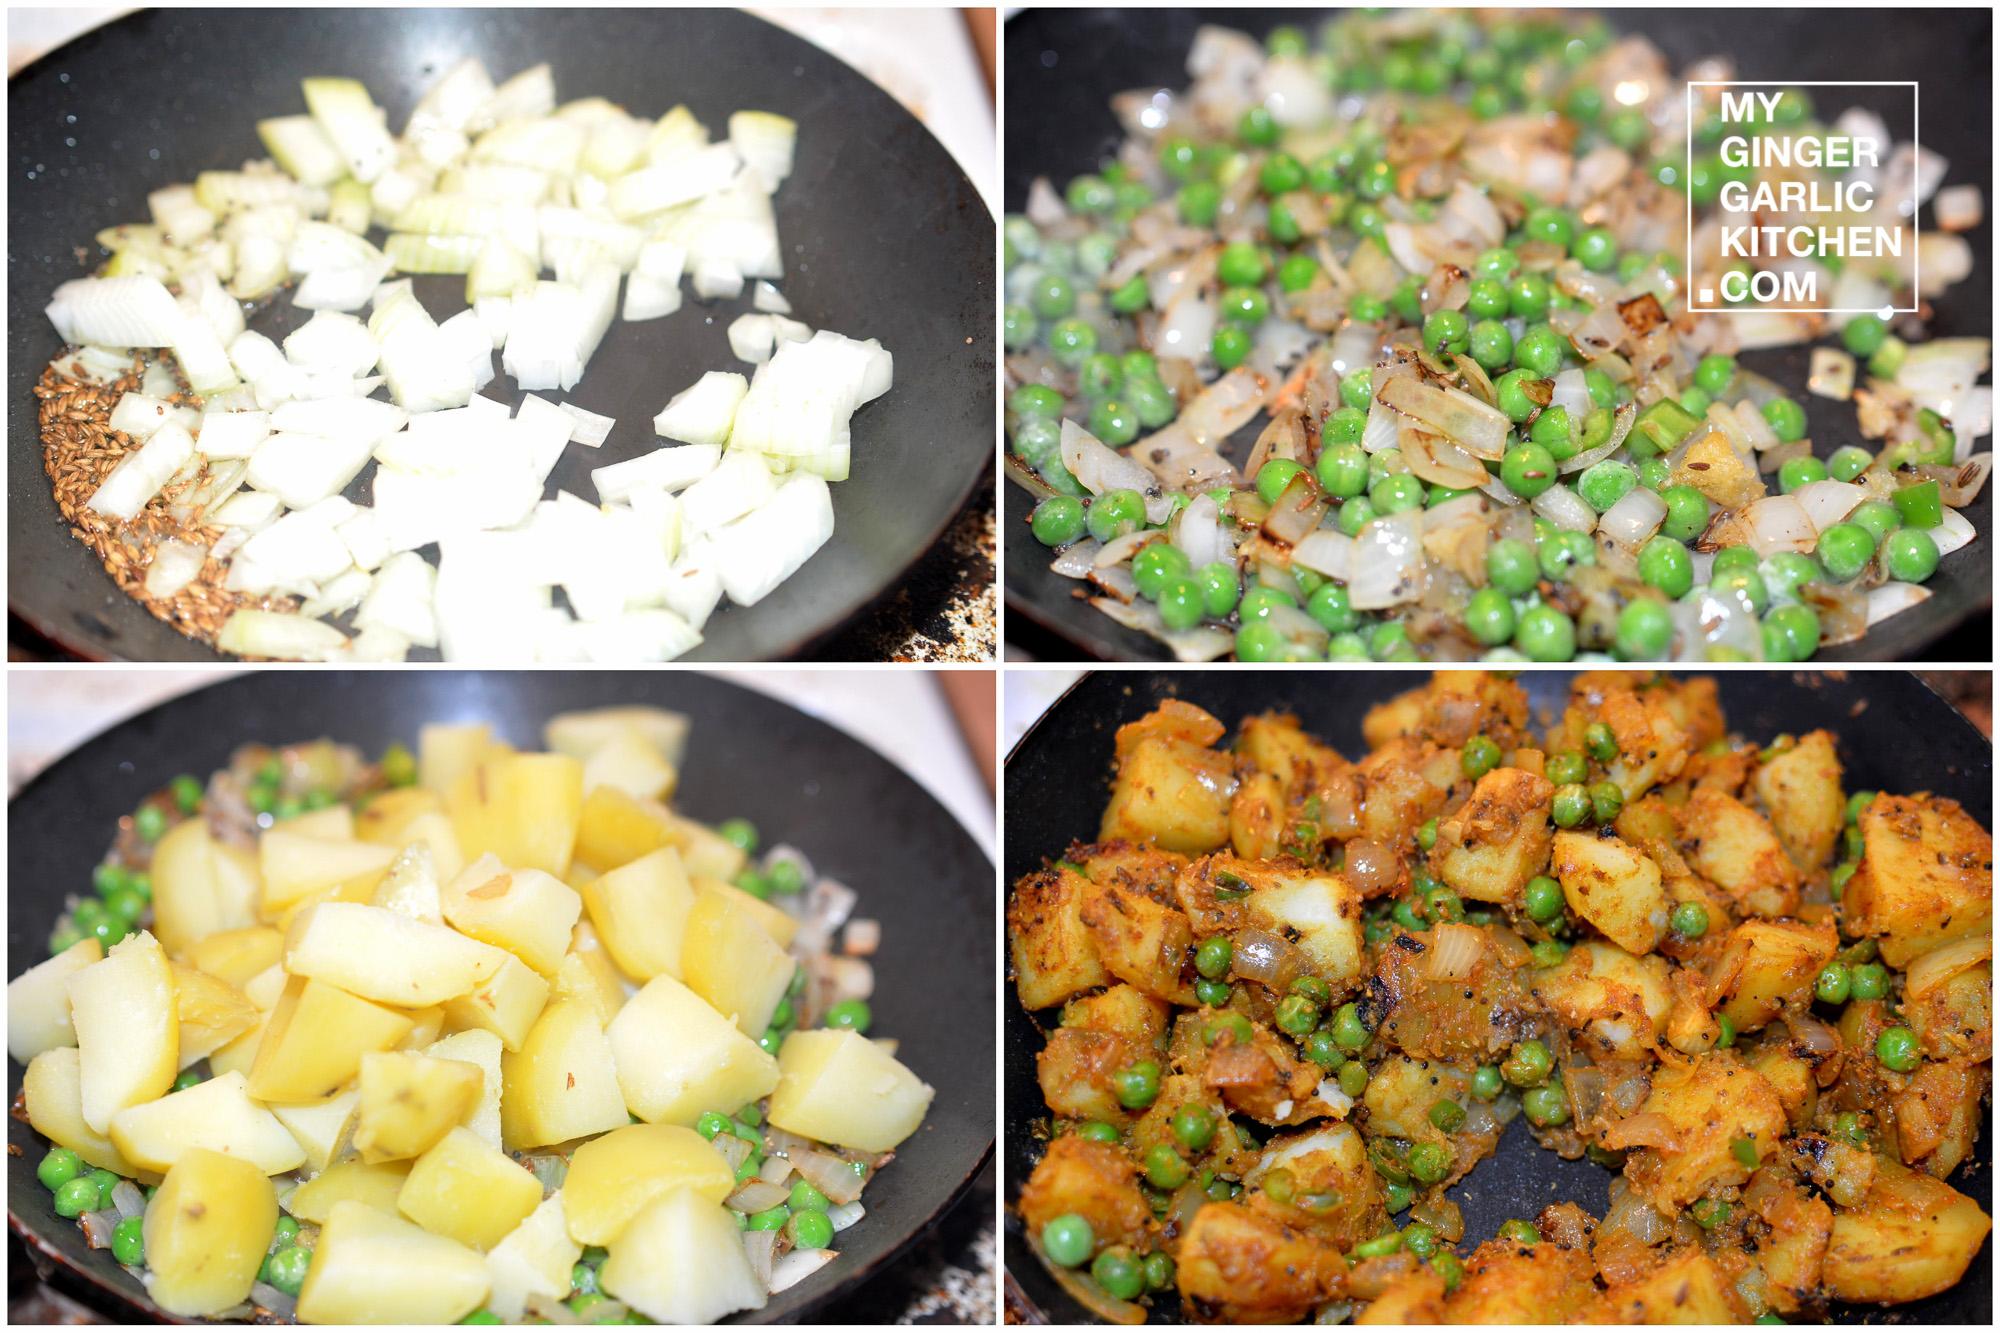 Image - recipe dark potoato peas stir fry anupama paliwal my ginger garlic kitchen 5